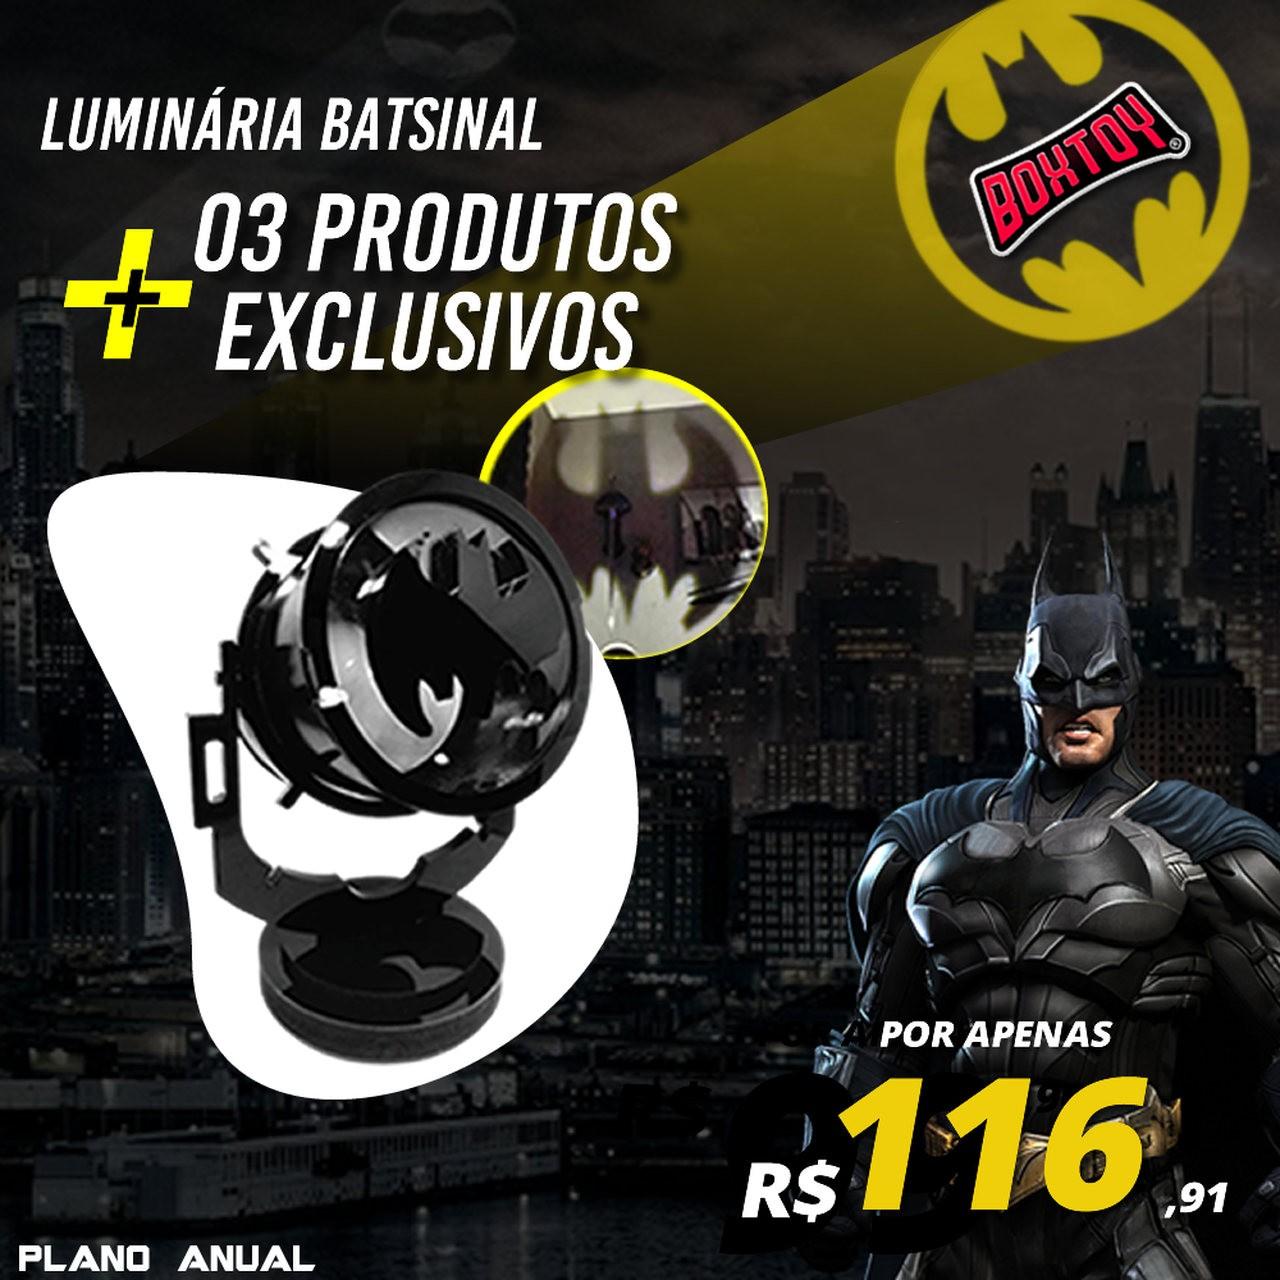 Boxtoy Edição Batman ANUAL  - Boxtoy